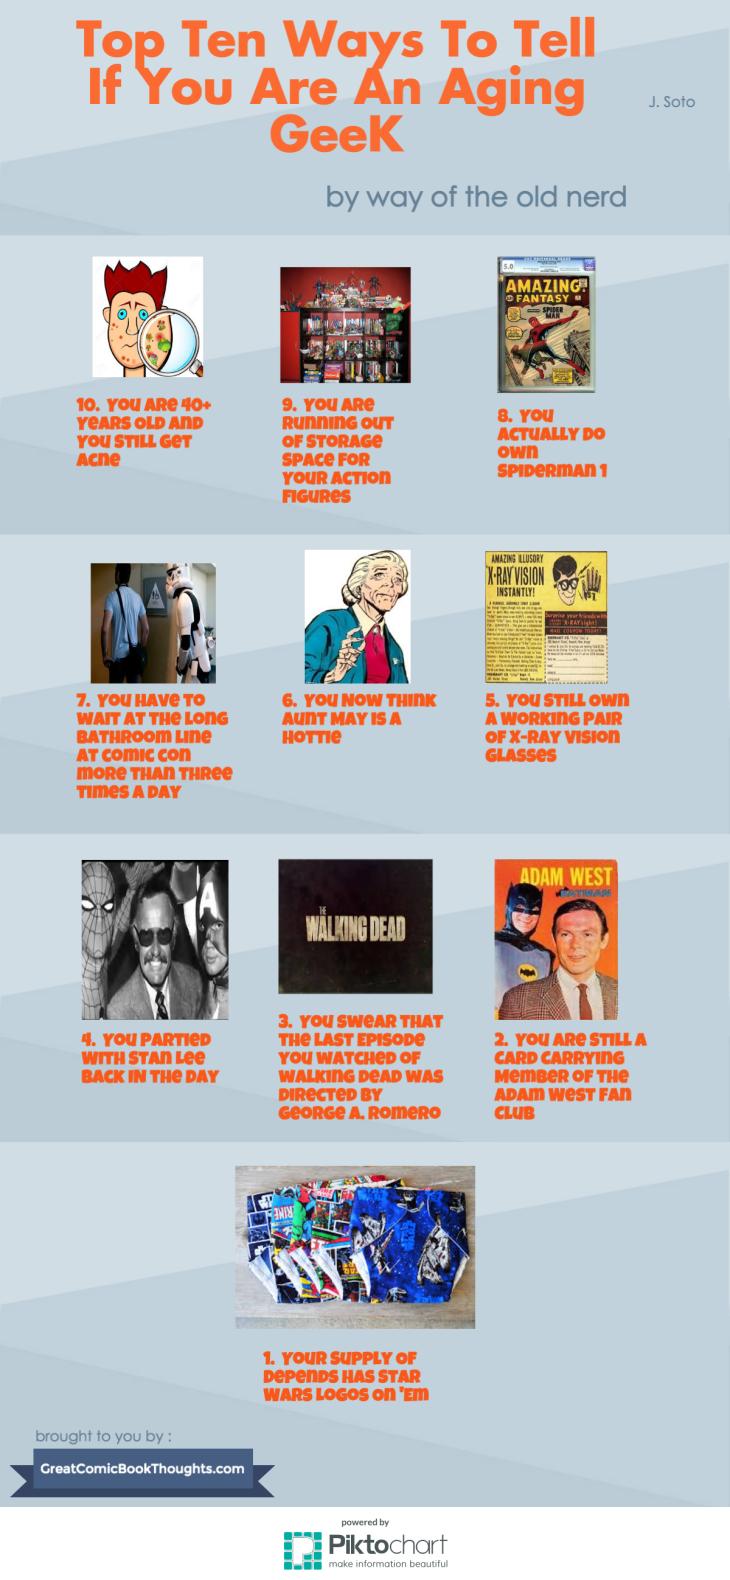 Aging Geek Top Ten